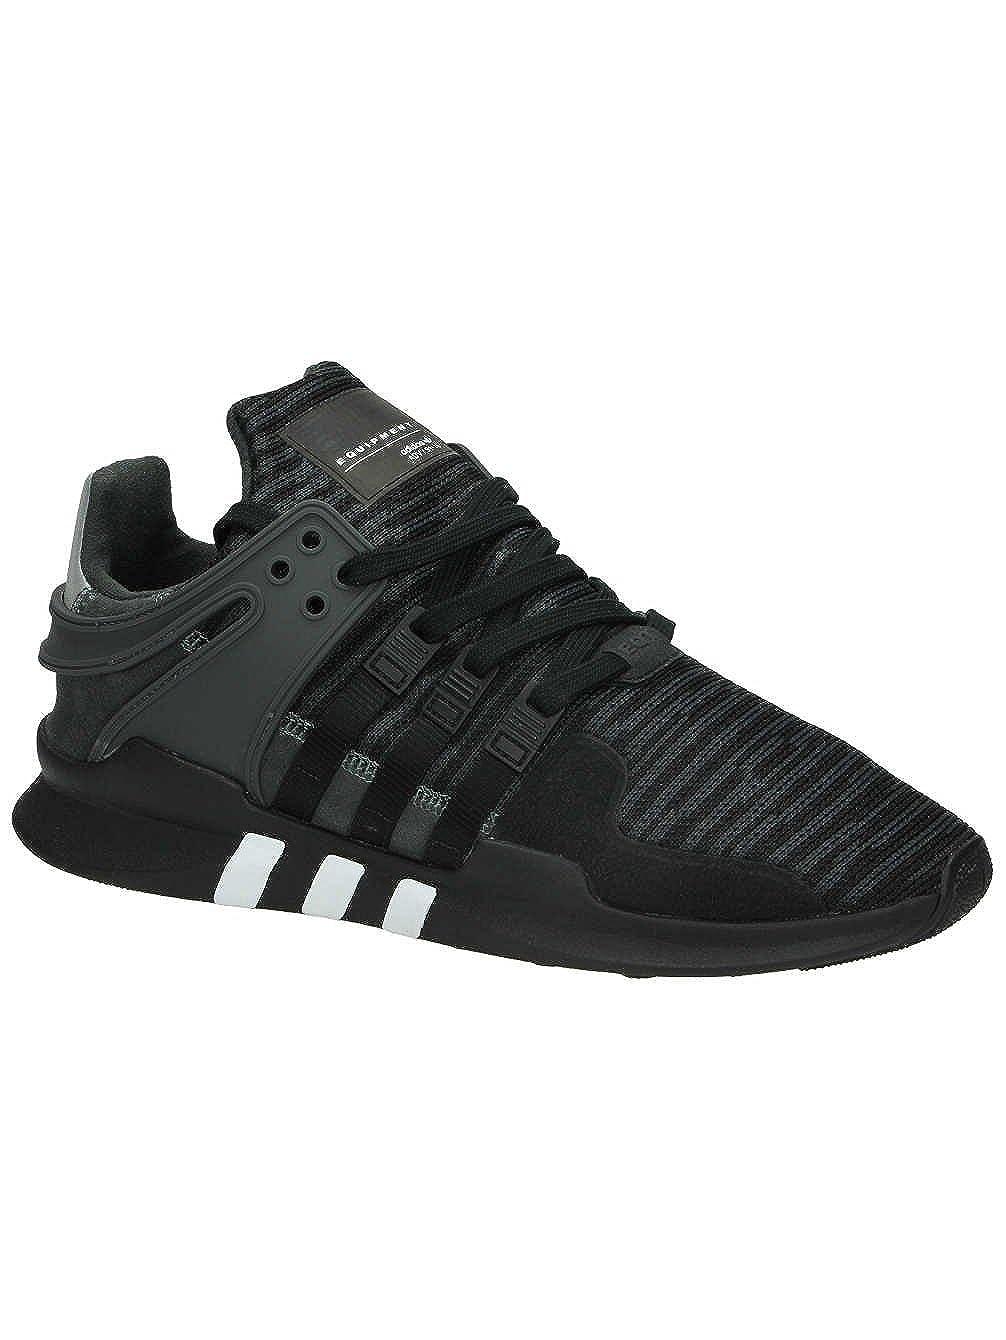 adidas equiphommest support noir